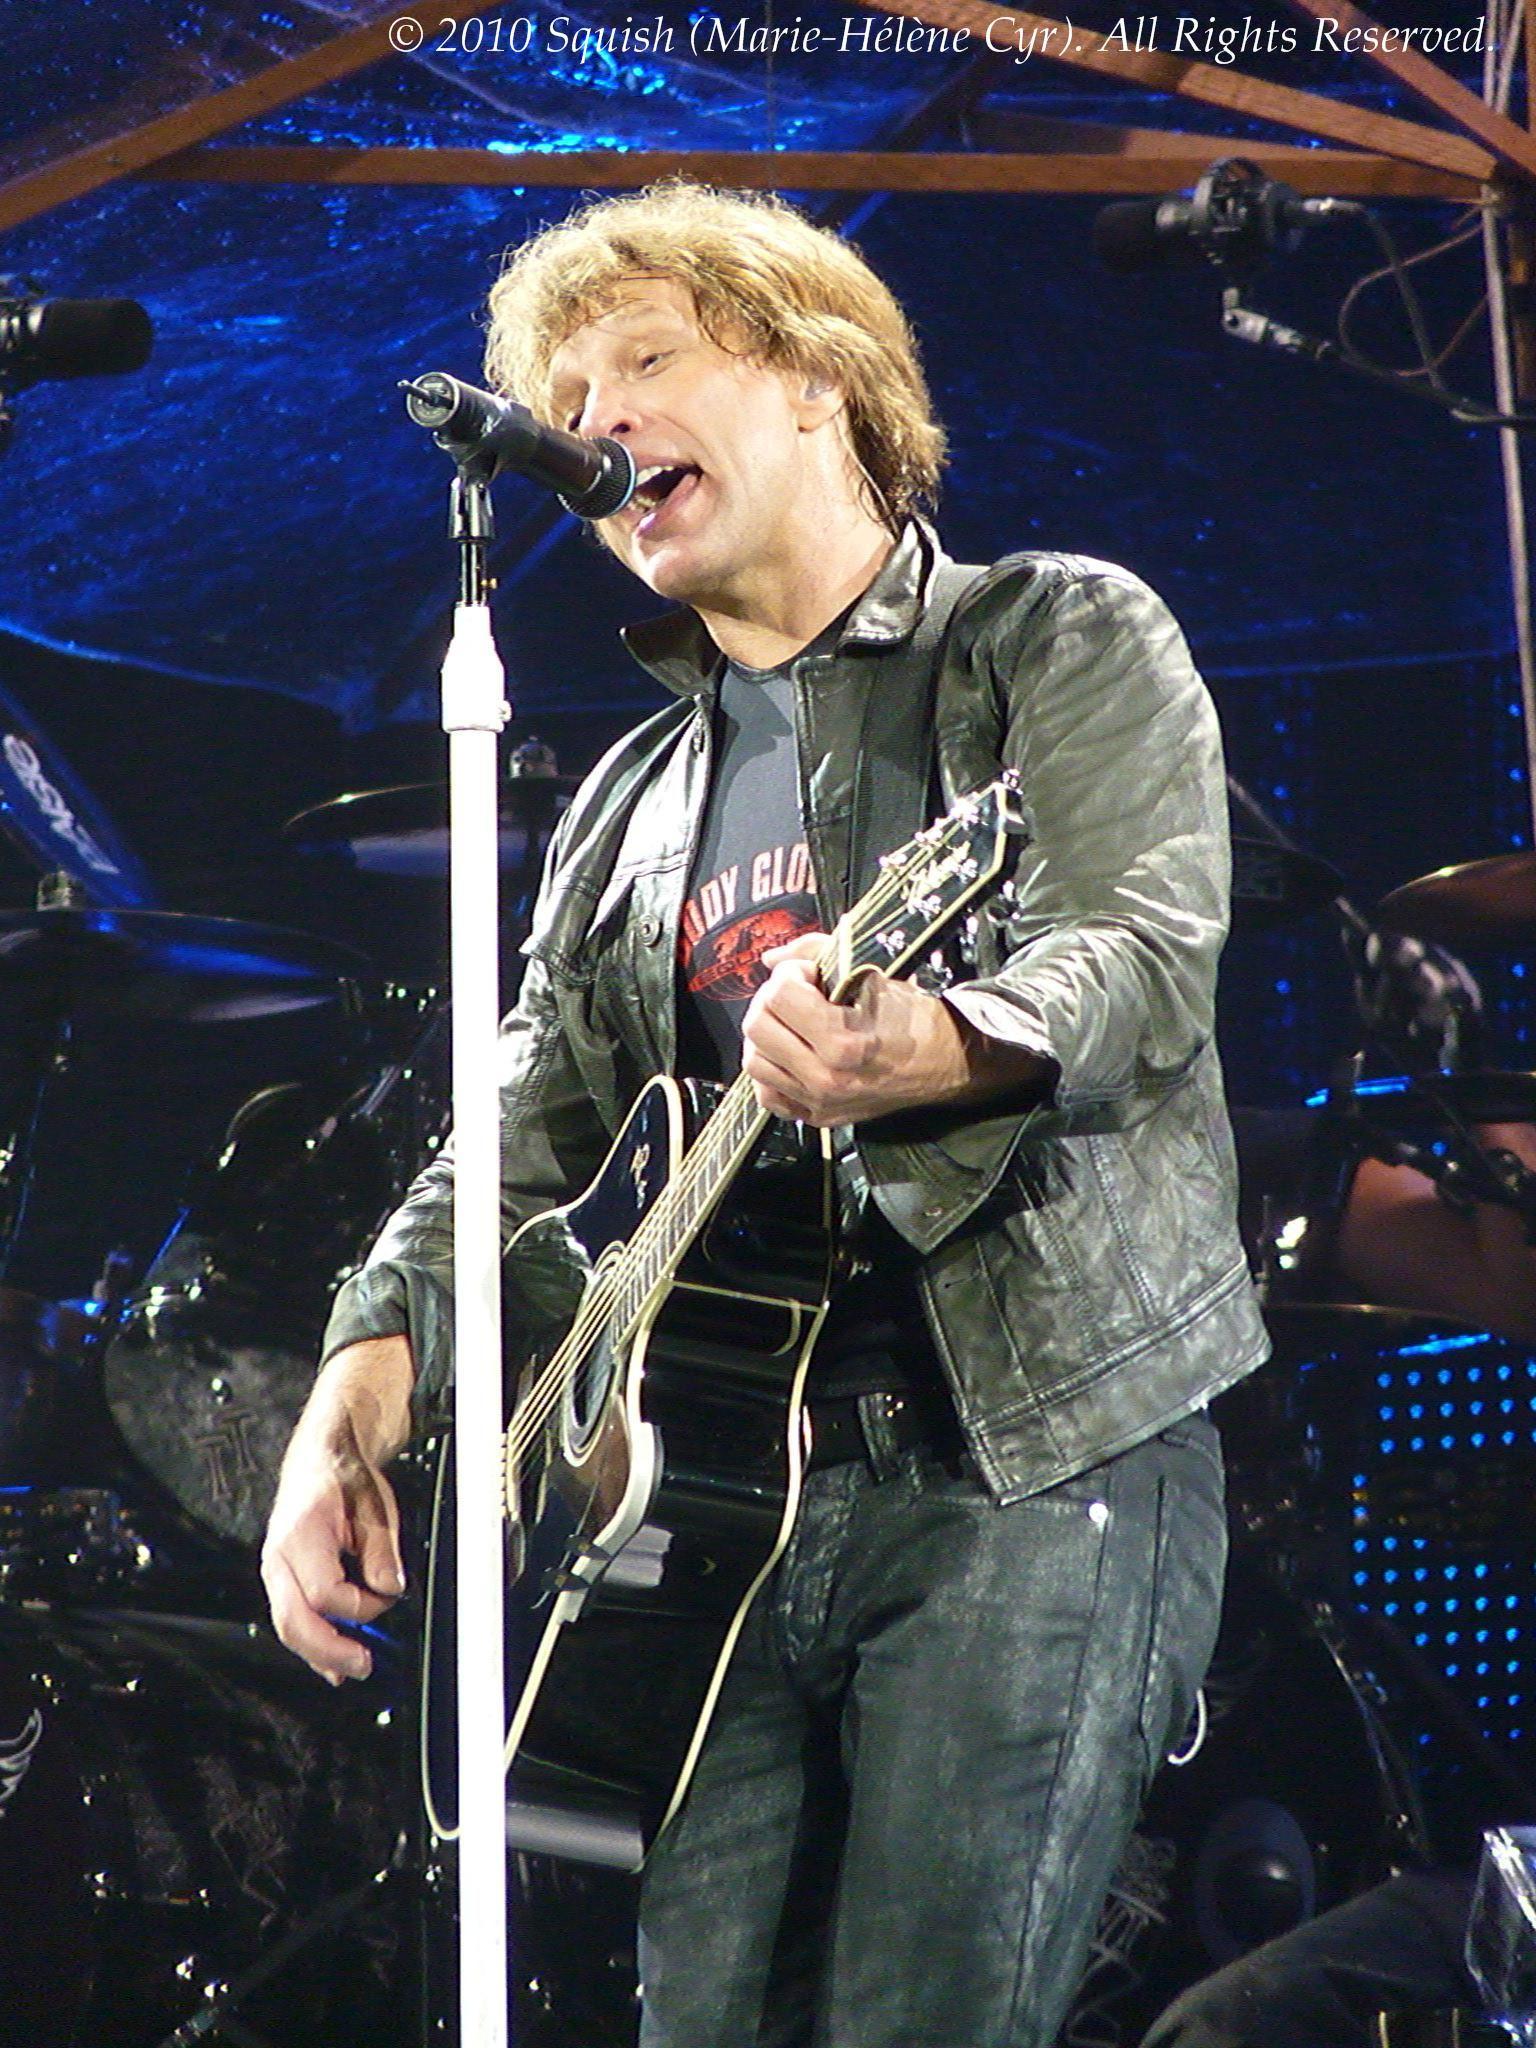 Bon Jovi - New Meadowlands Stadium, NJ, États-Unis (27 mai 2010)